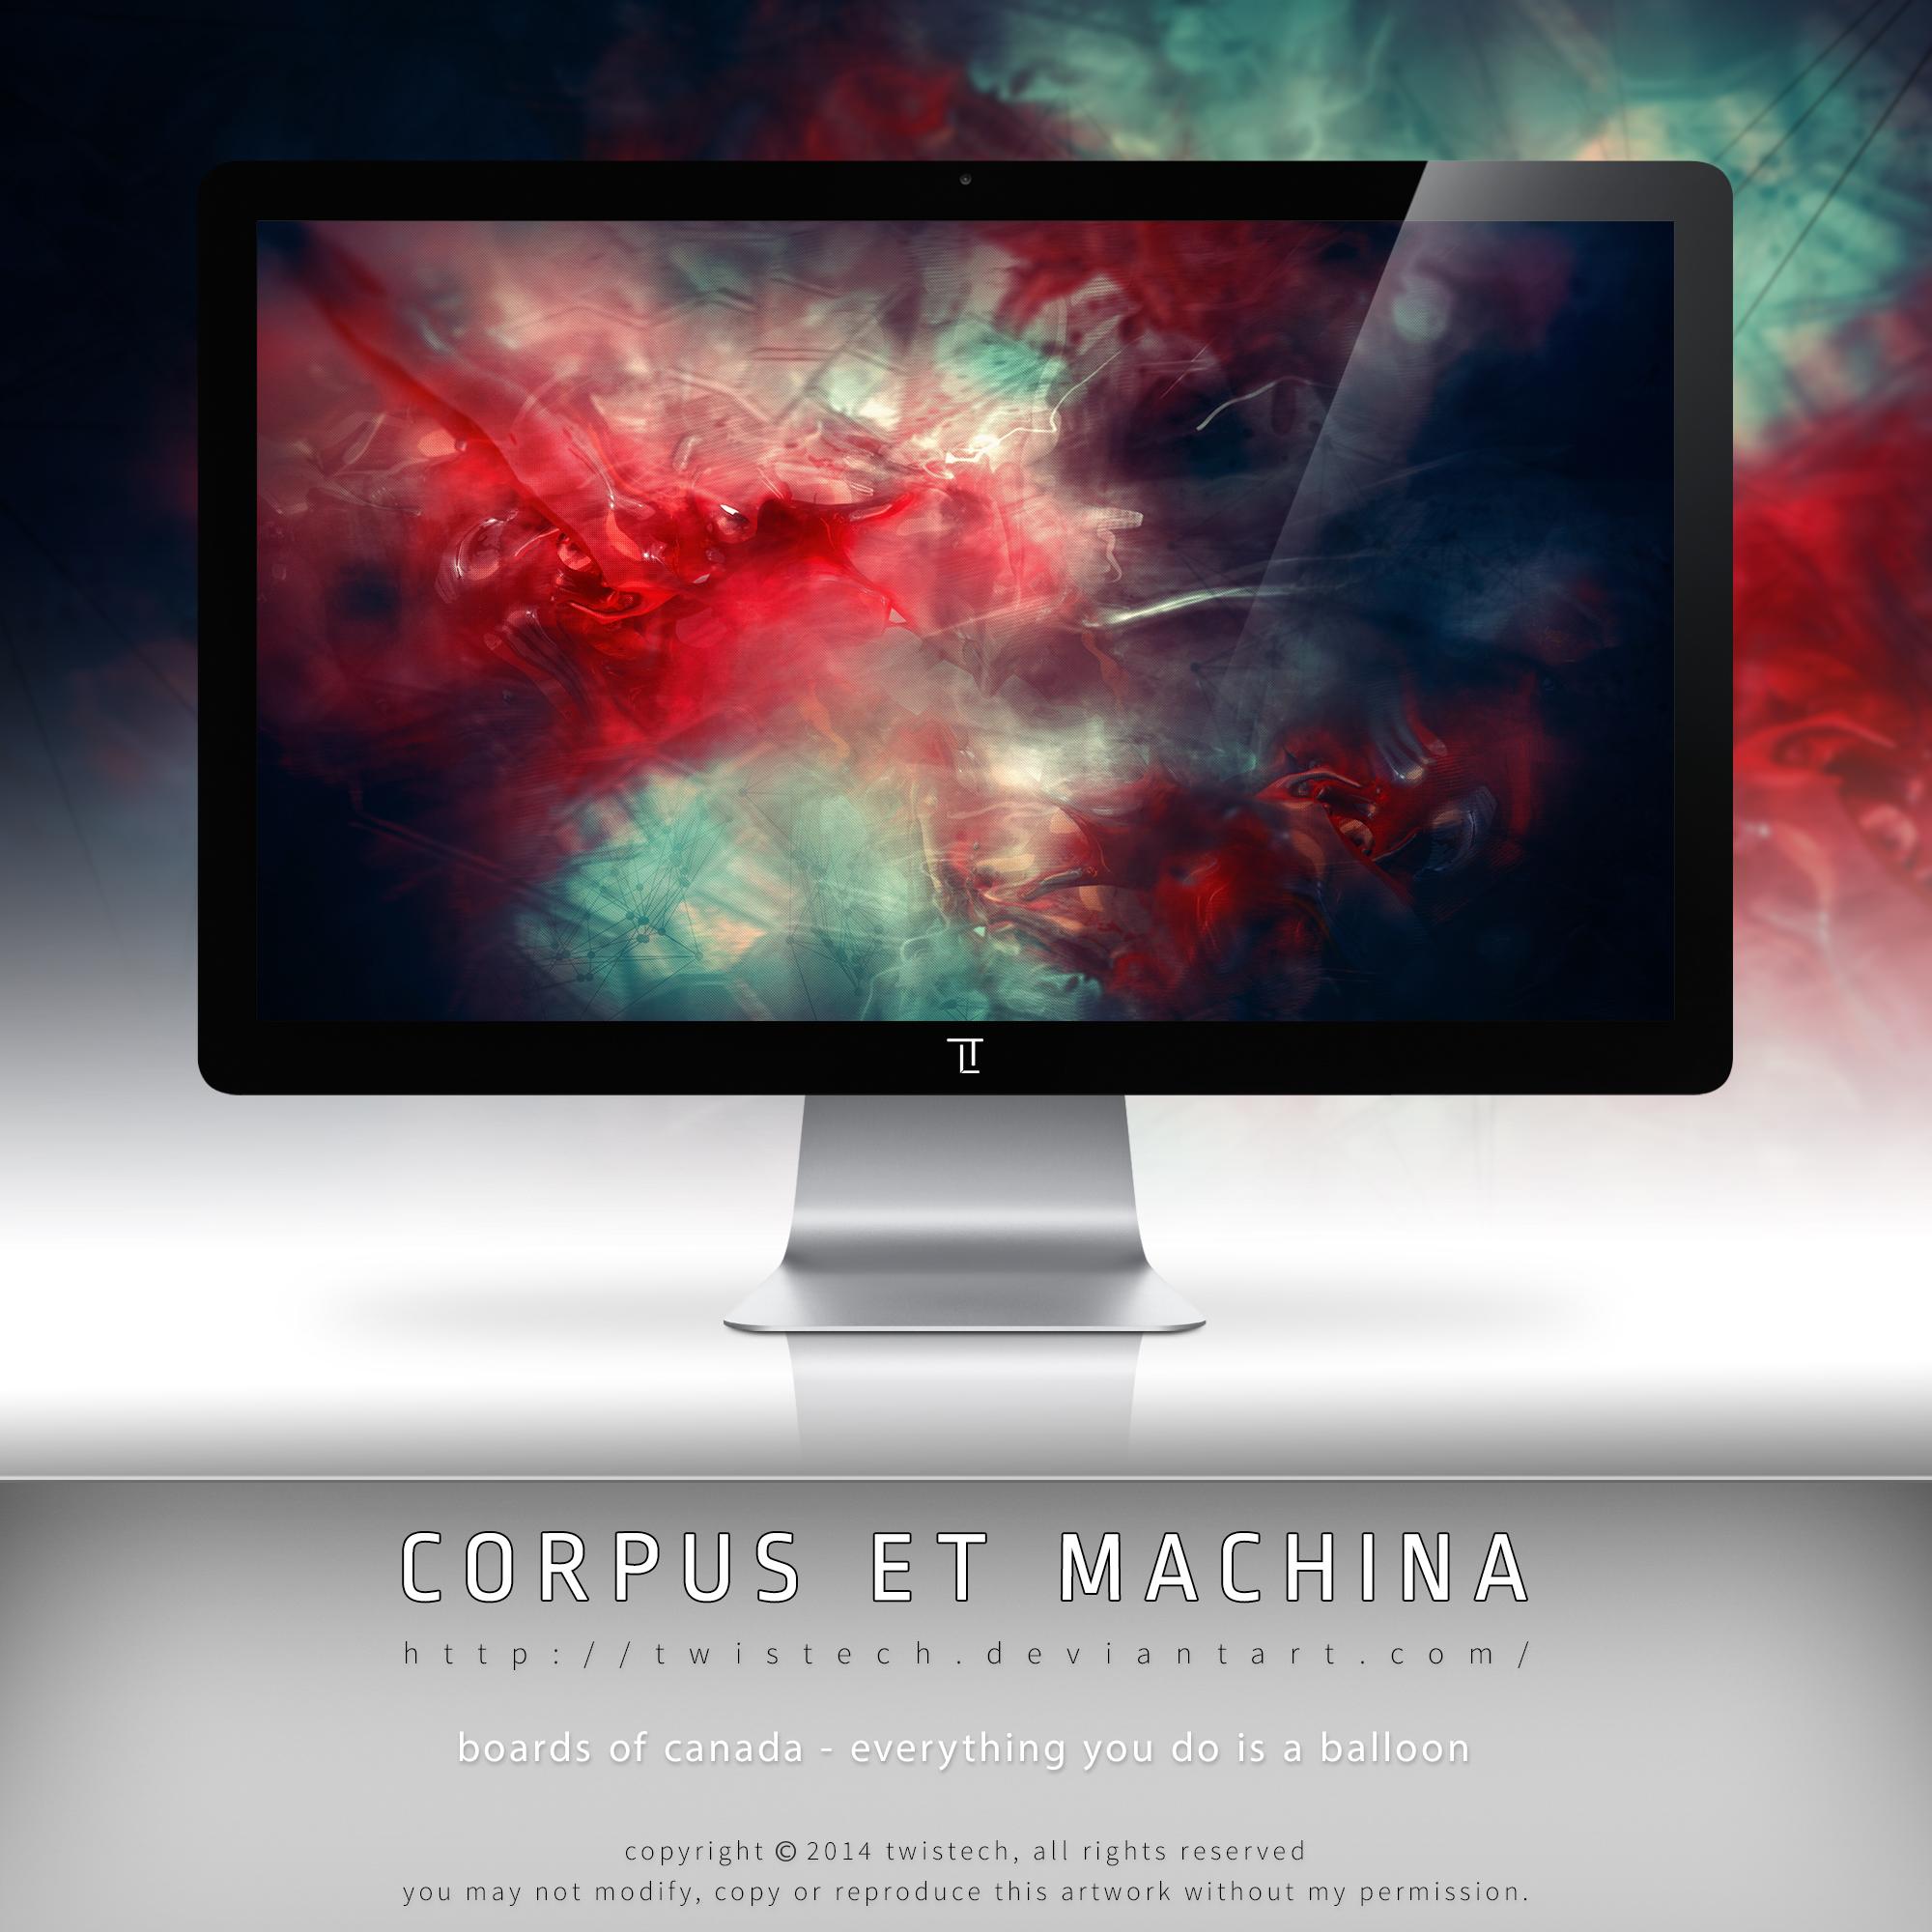 Corpus et machina